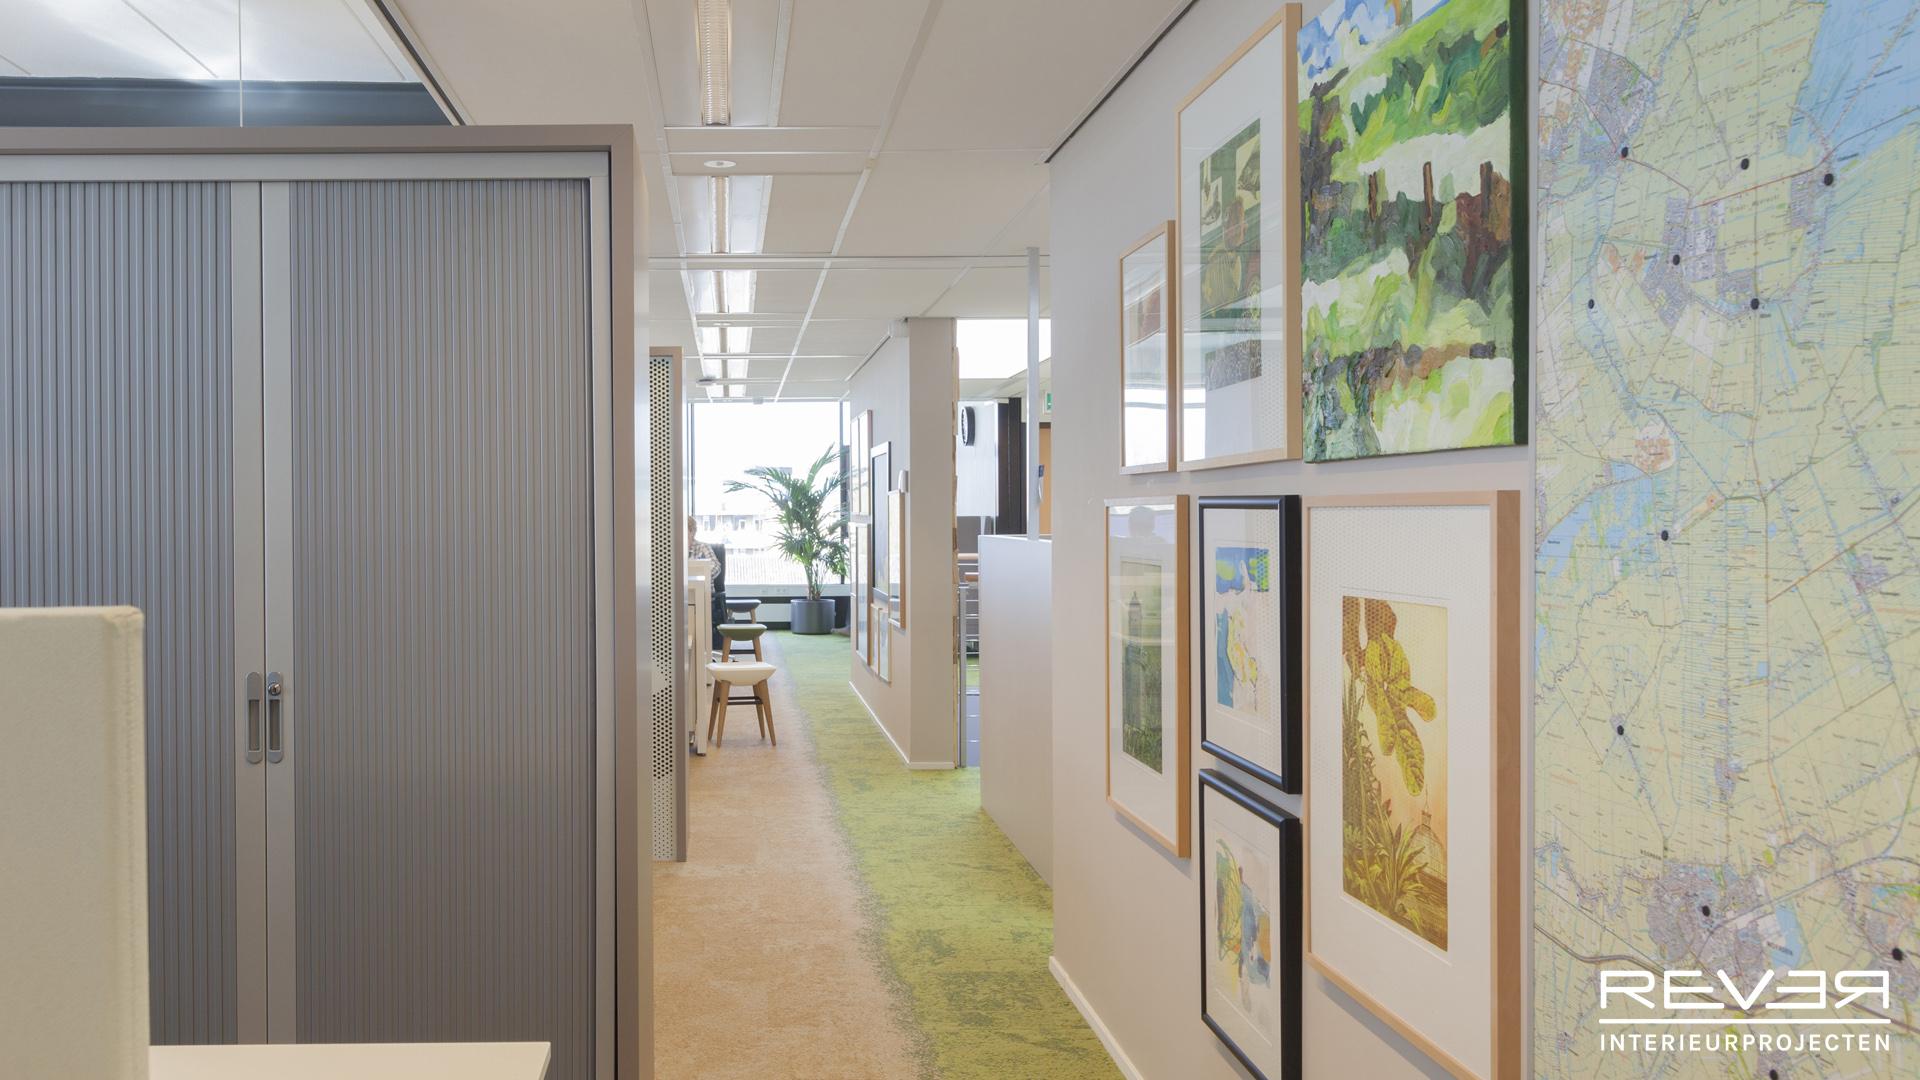 Rever Interieurprojecten-ReVerenties-GroenWest (1)